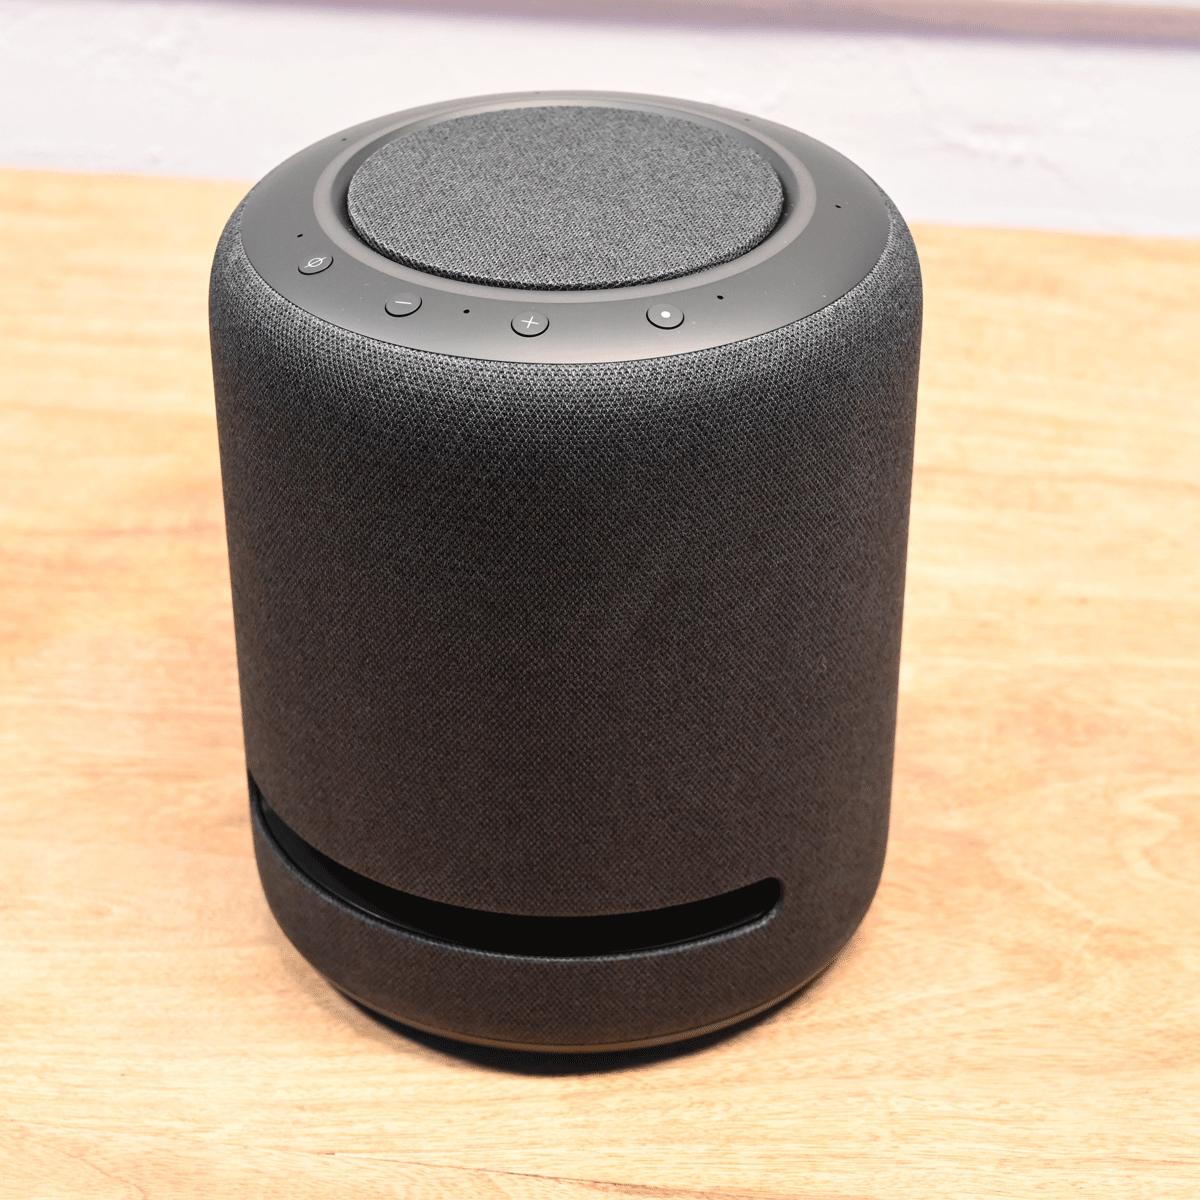 12/5発売! Amazonの最新スマートスピーカー「Echo Studio」の3Dオーディオがすごかった